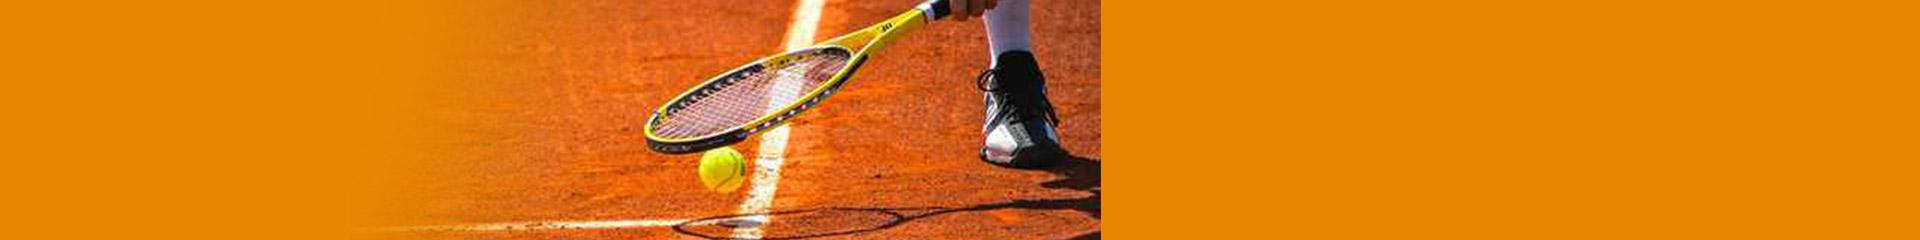 bg-1920×240-tennis